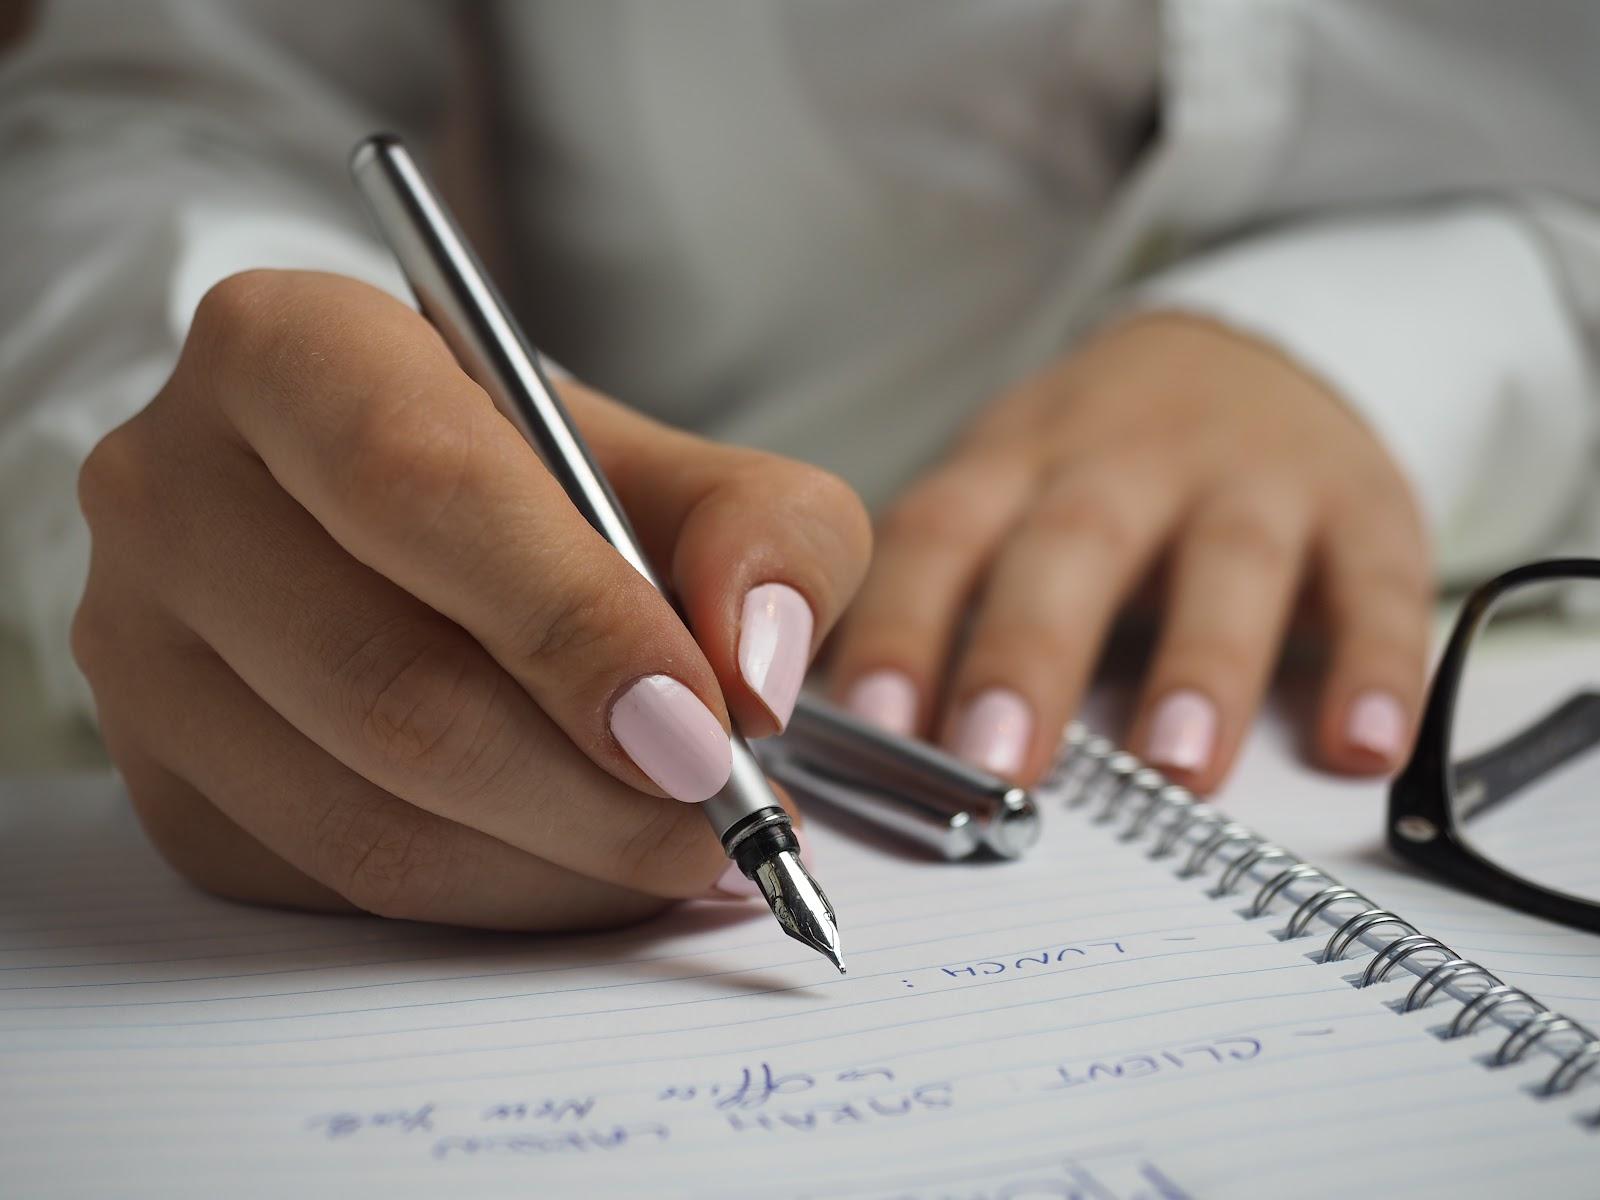 Fazer listas ajuda a manter o foco e a organização (Fonte: Energepic/Pexels)